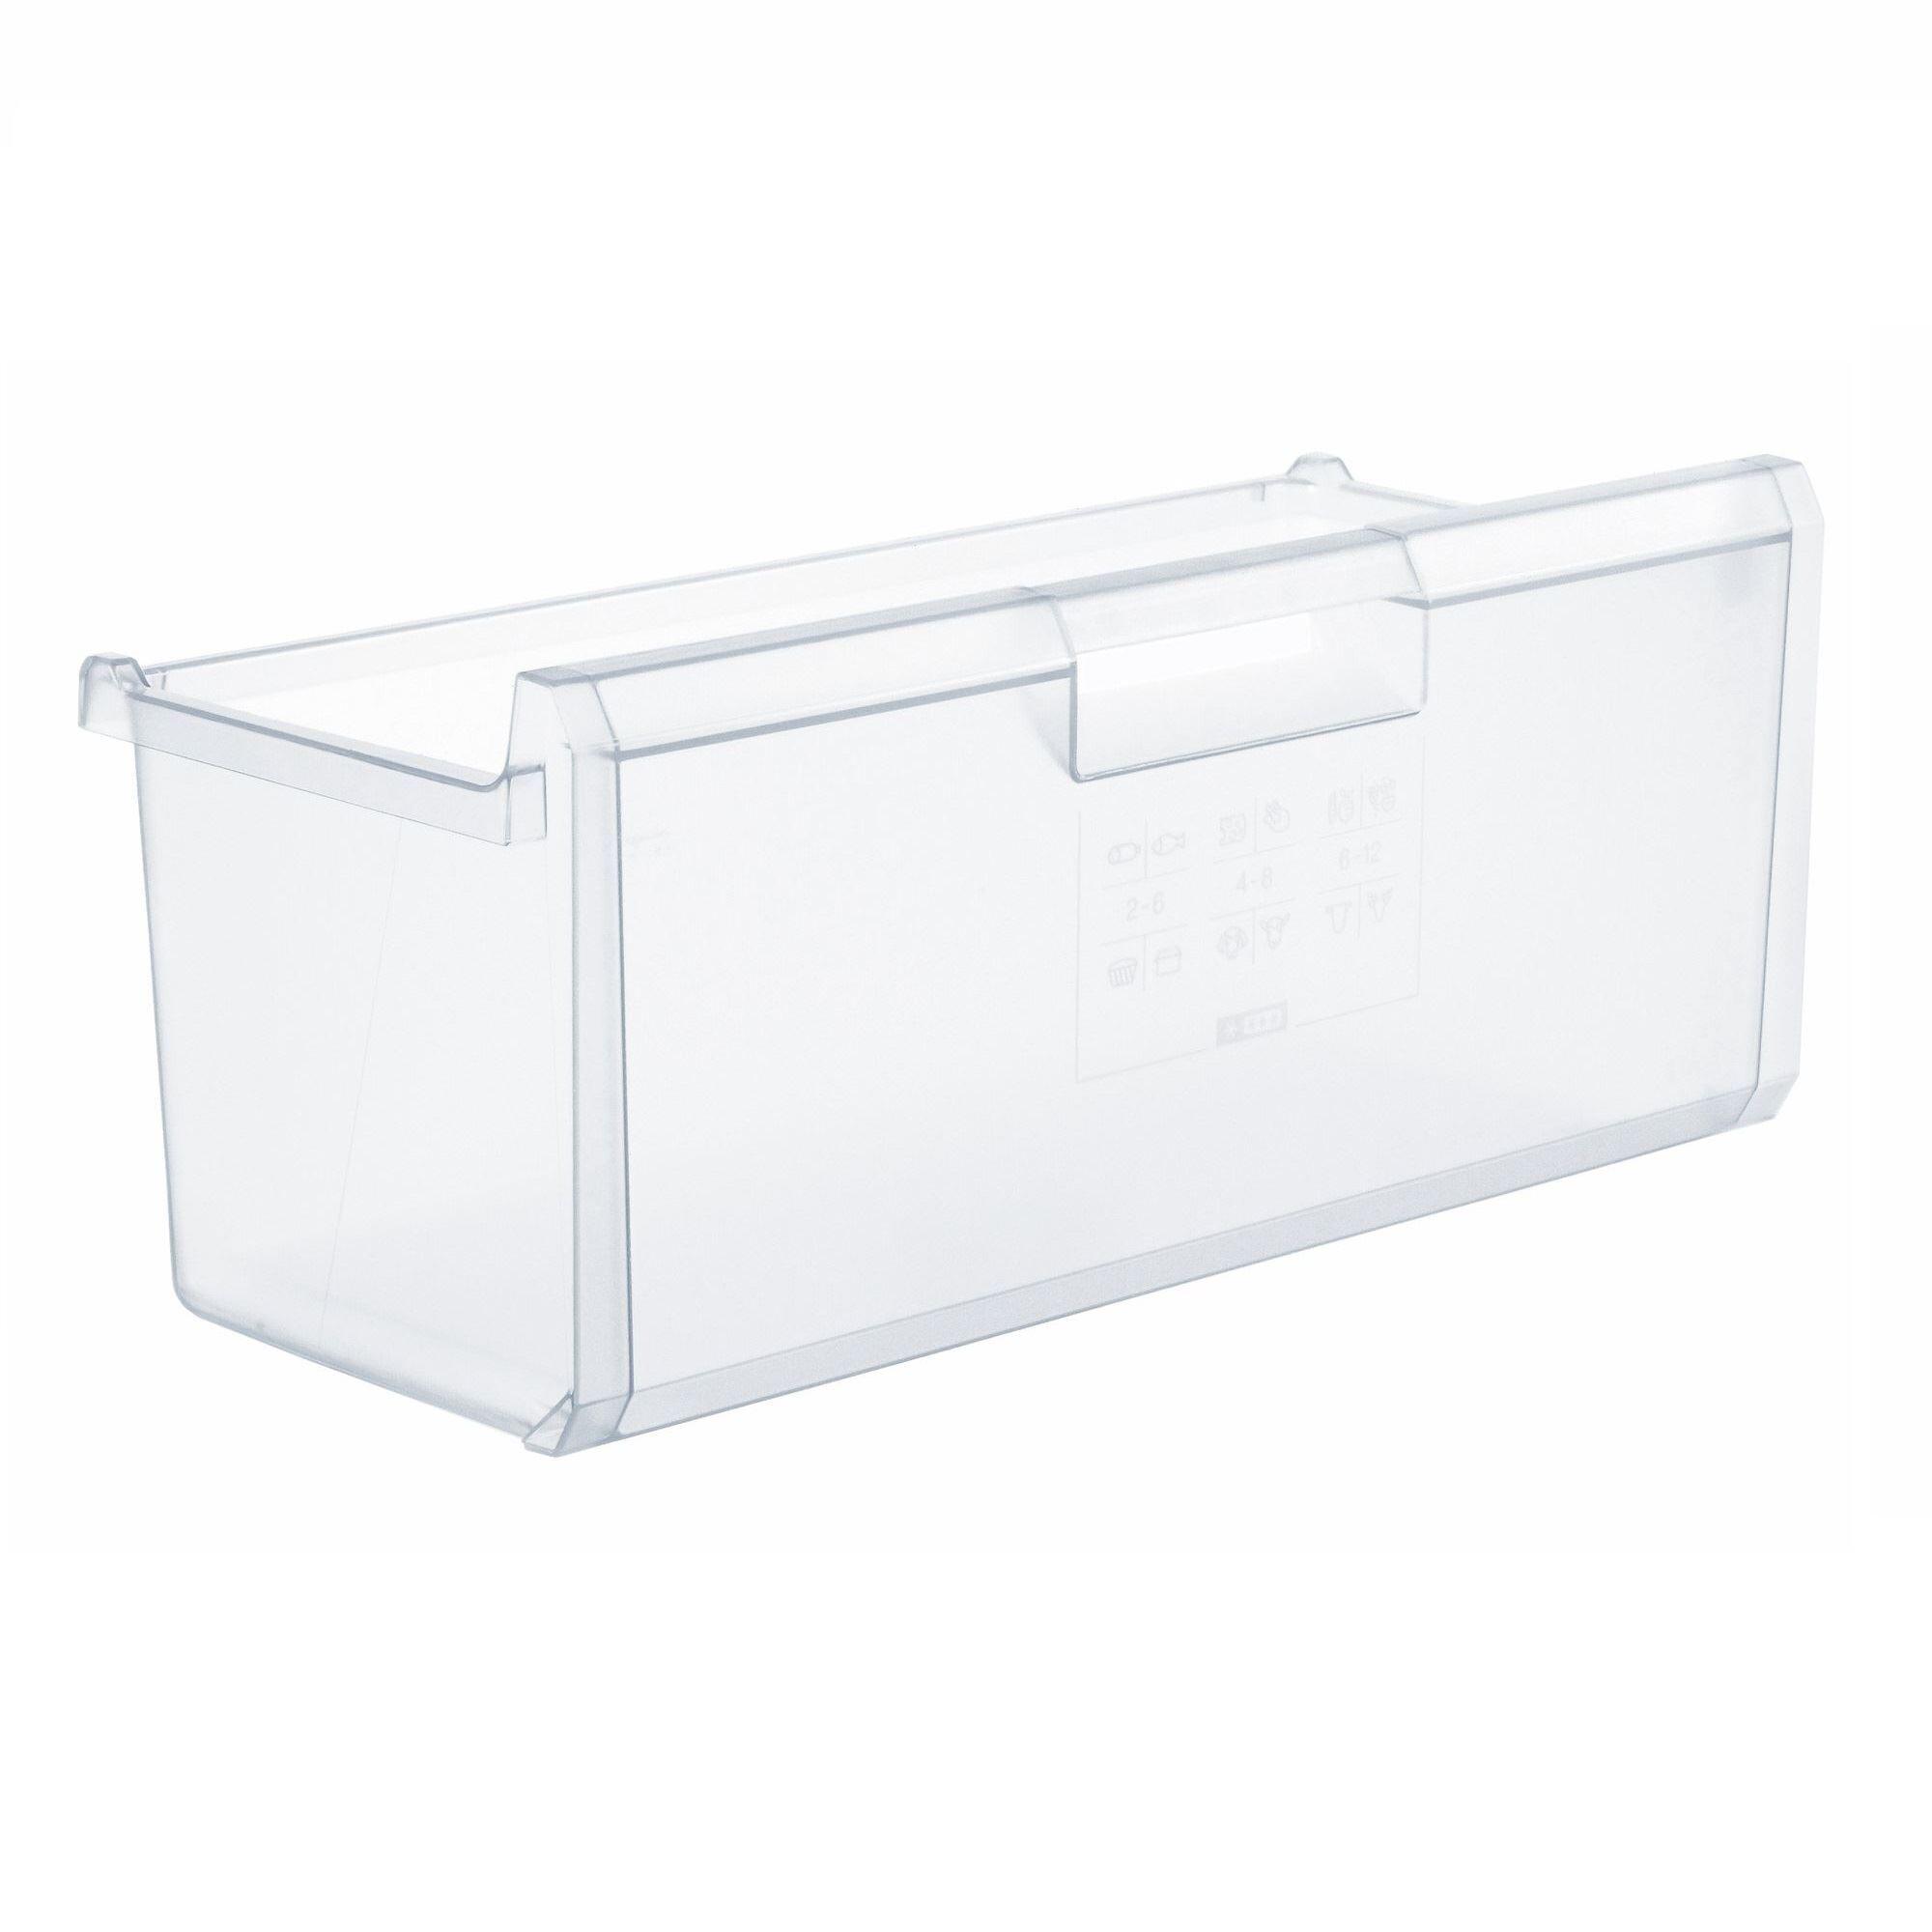 Bosch Freezer Bottom Lower Drawer Frozen Food Container Bin